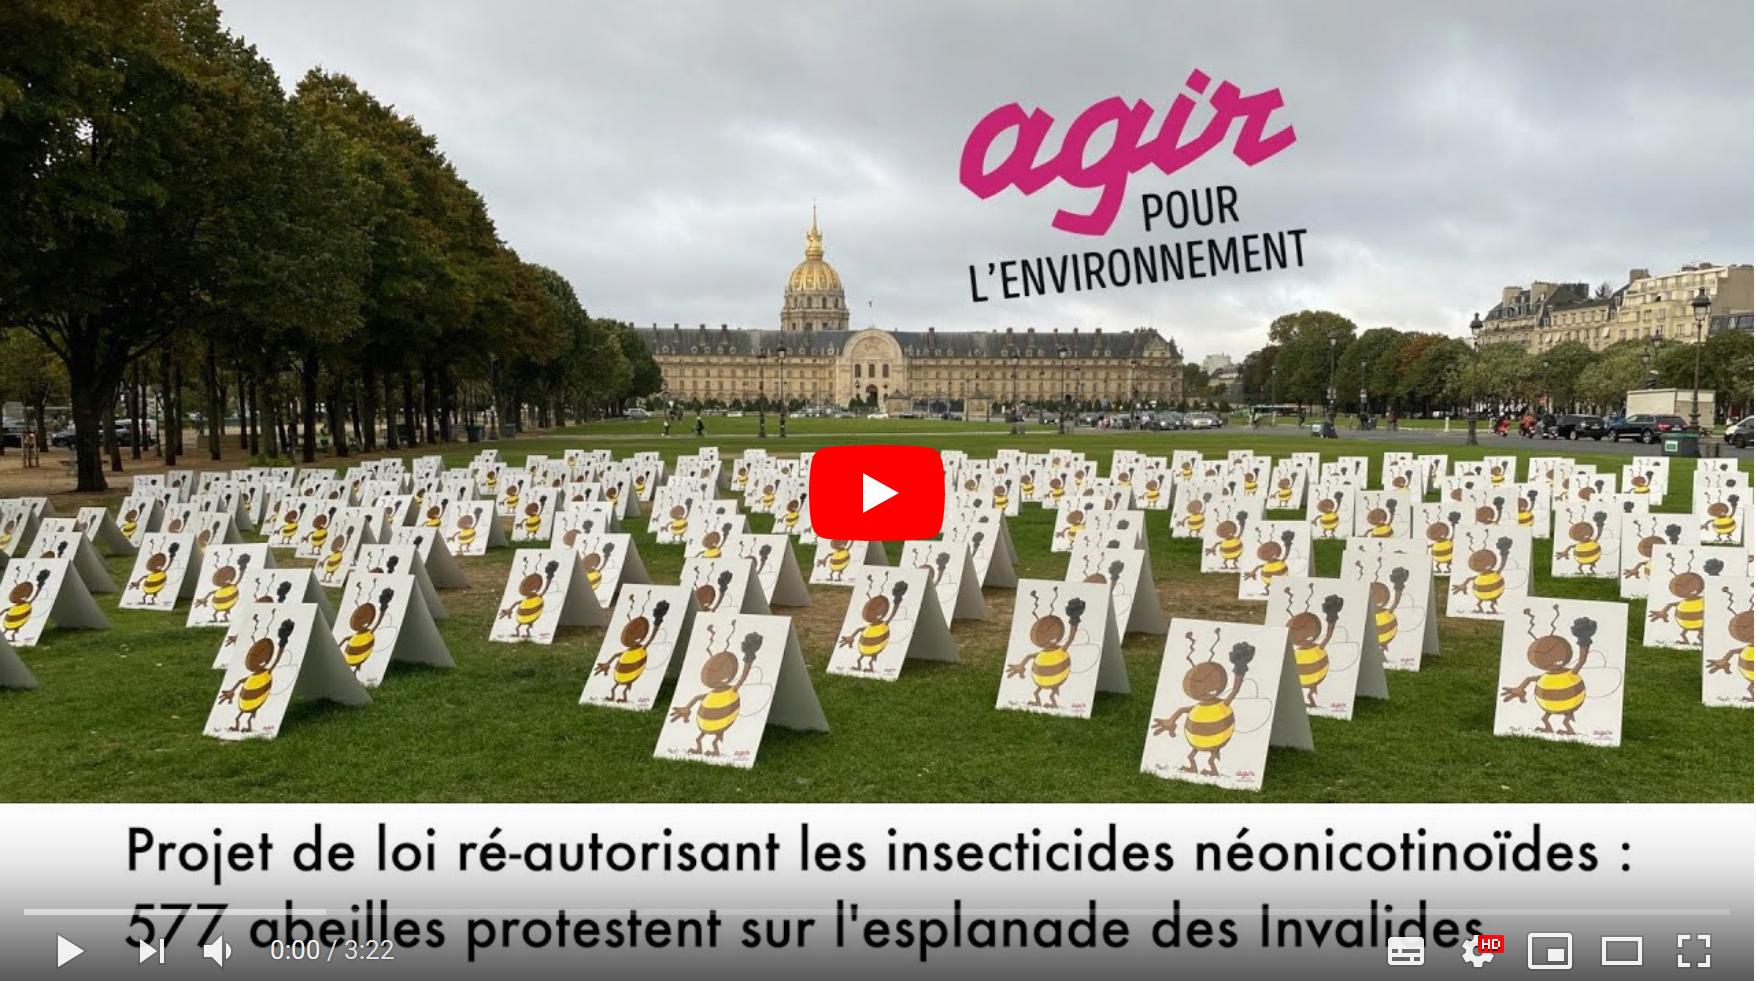 Visionnez la vidéo de l'action initiée par Agir pour l'Environnement